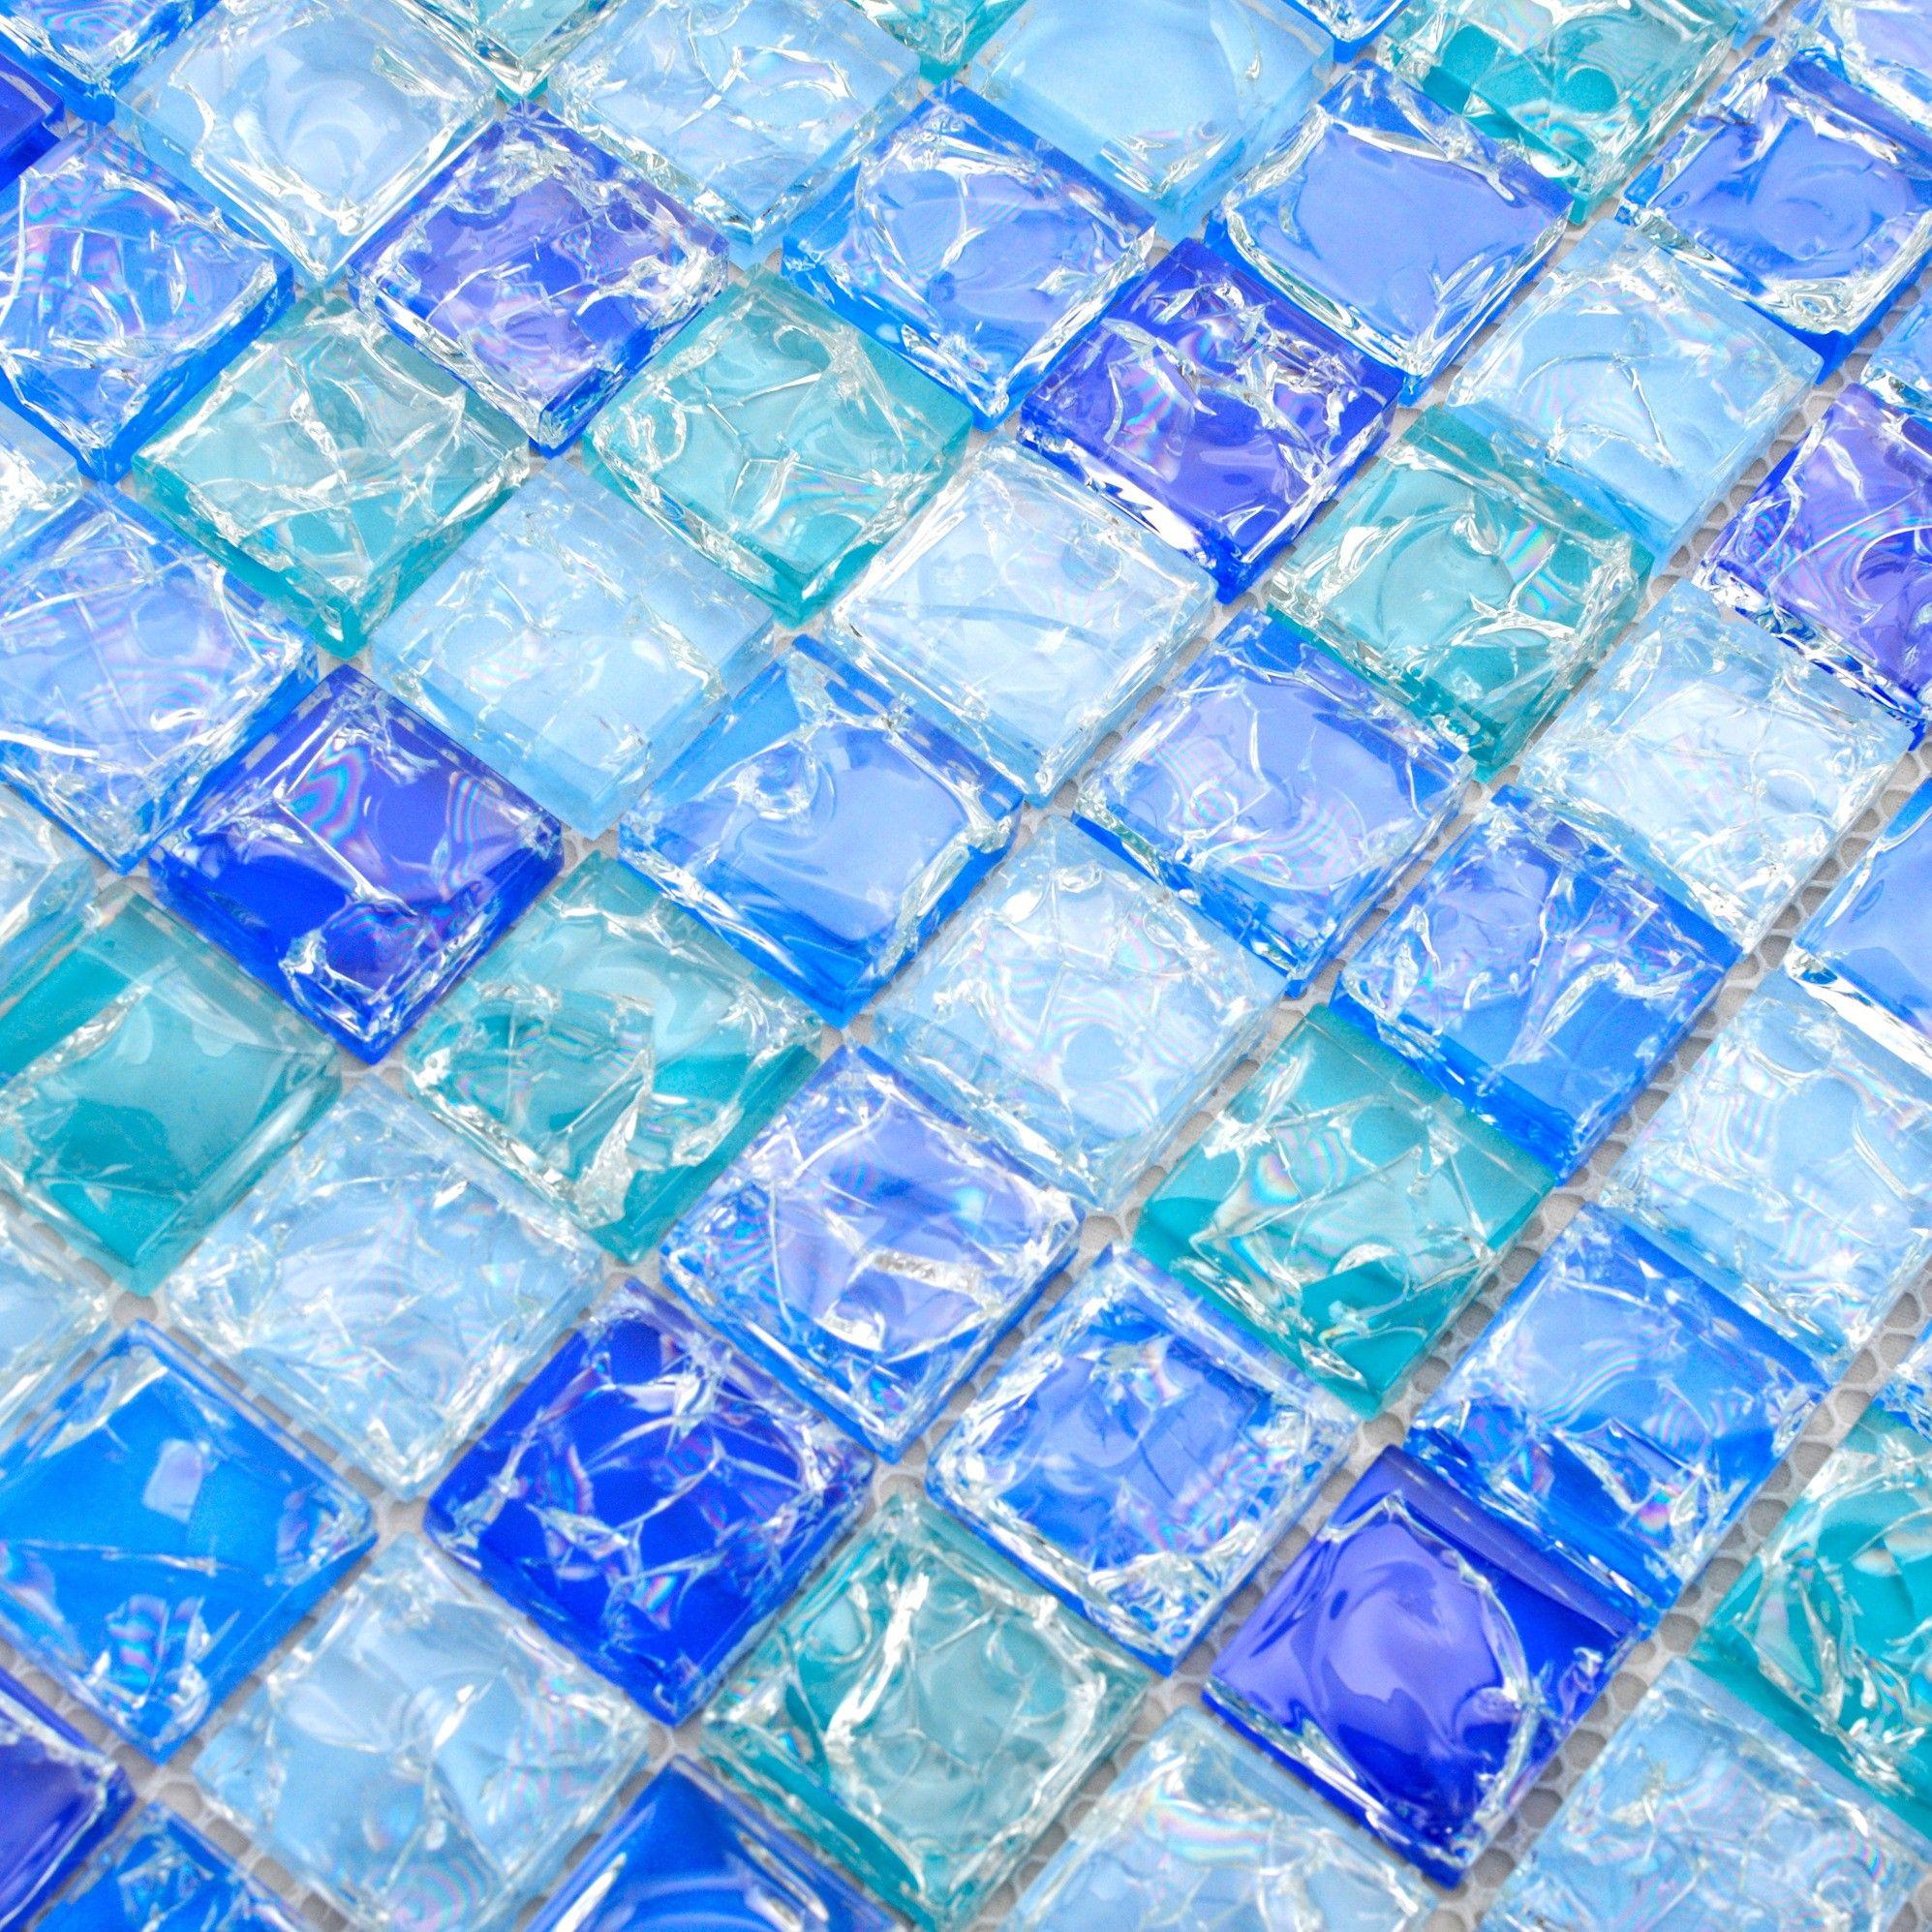 The Arrange Creative Design Ocean Bathroom Decor Ideas At Beauty